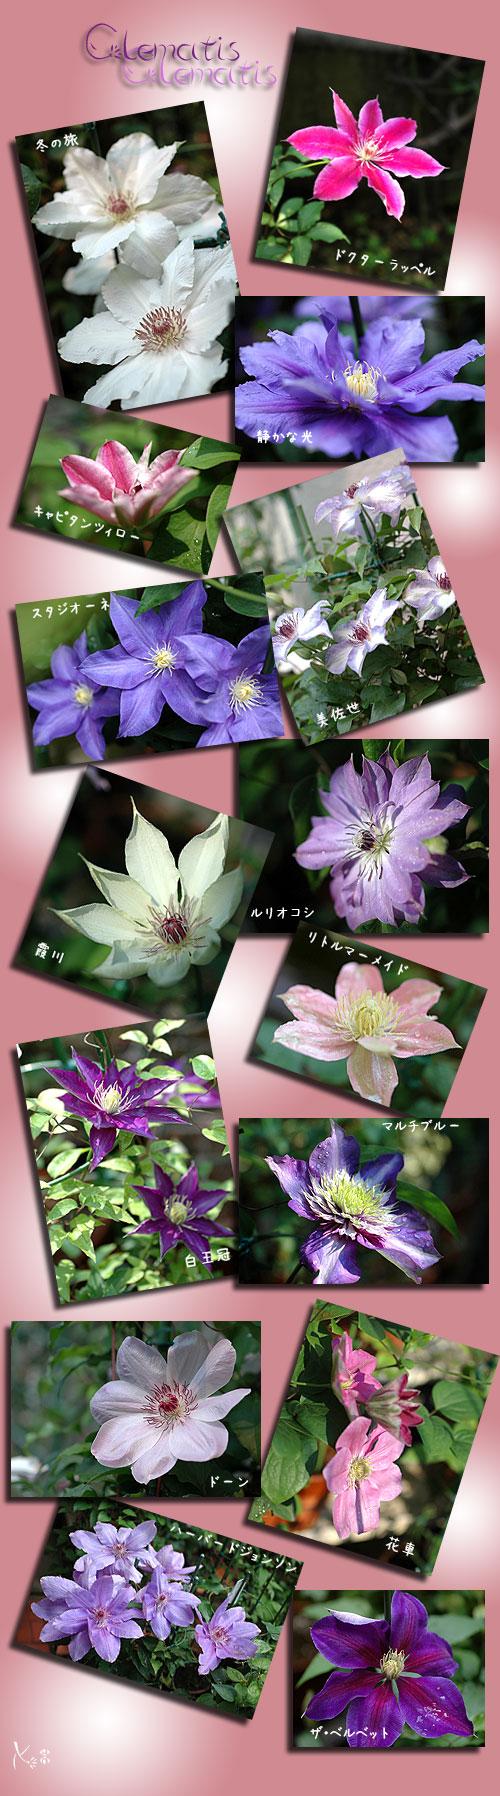 5月3日庭の花2